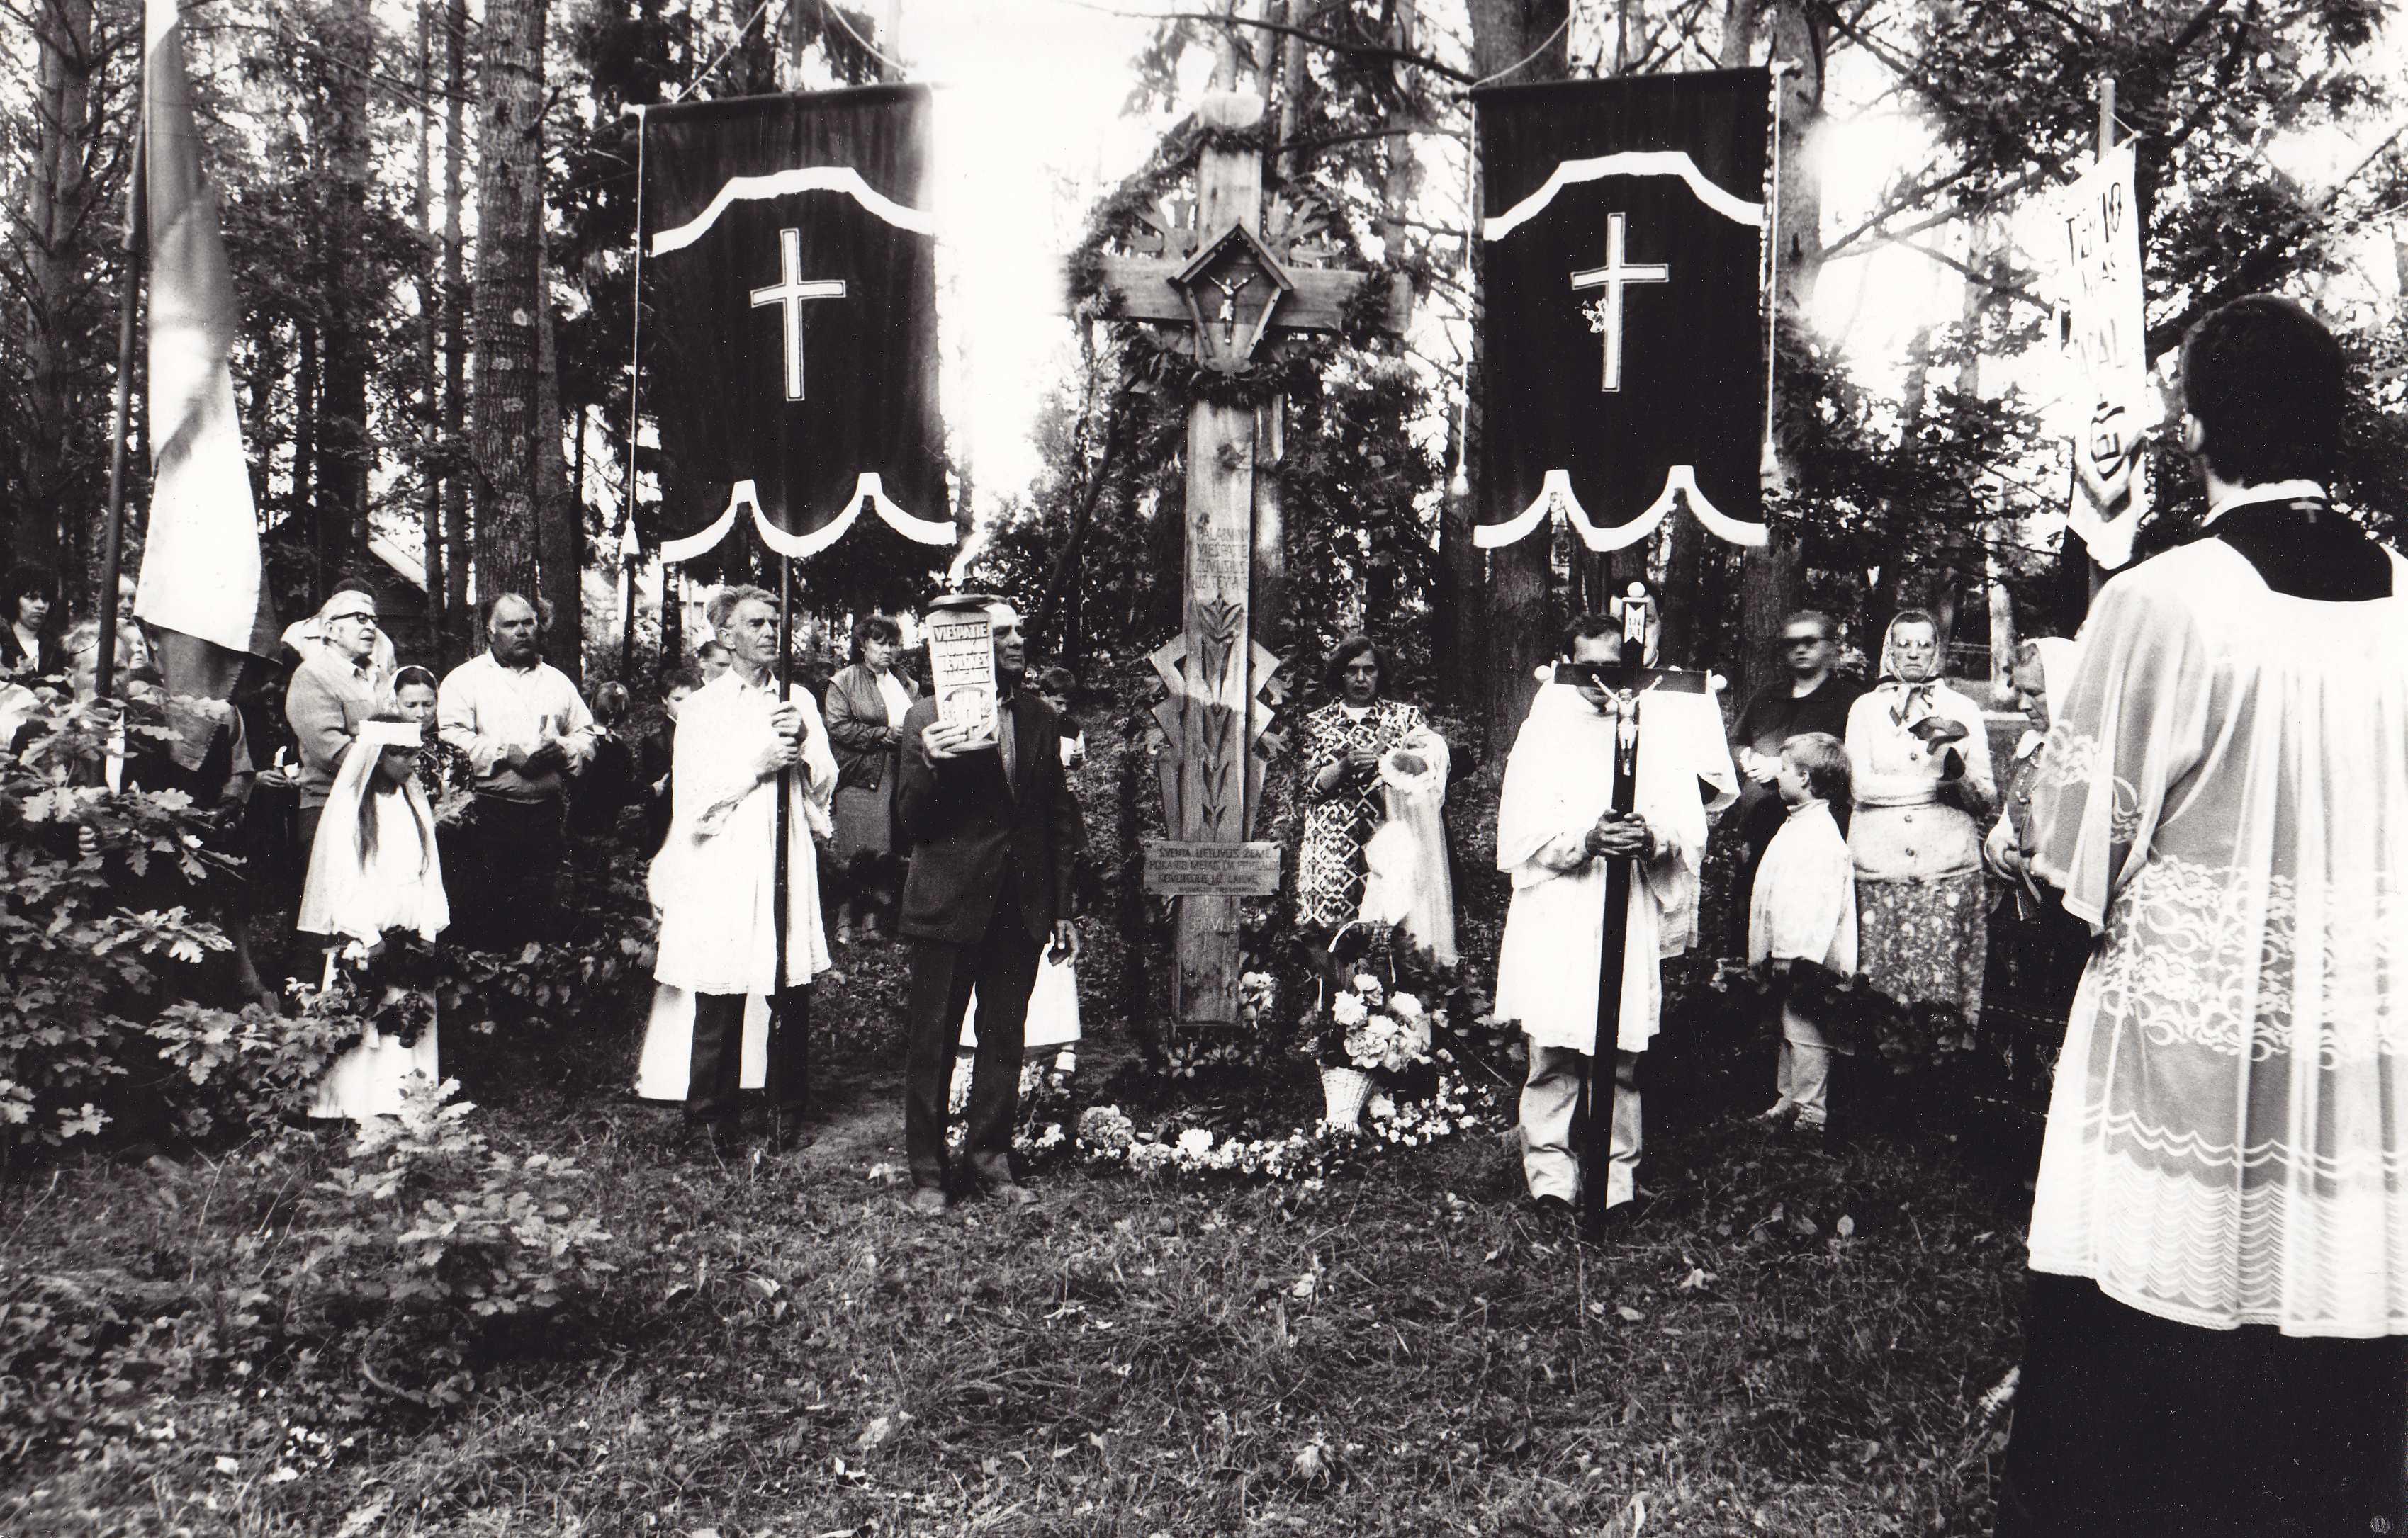 1989 metų birželio 14-oji Pasvalio parke. Kryžiaus partizanams atidengimas. Prie Lietuvos Respublikos valstybės vėliavos stovi tremtinys, fotografas, tautodailininkas Vilhelmas Janiselis